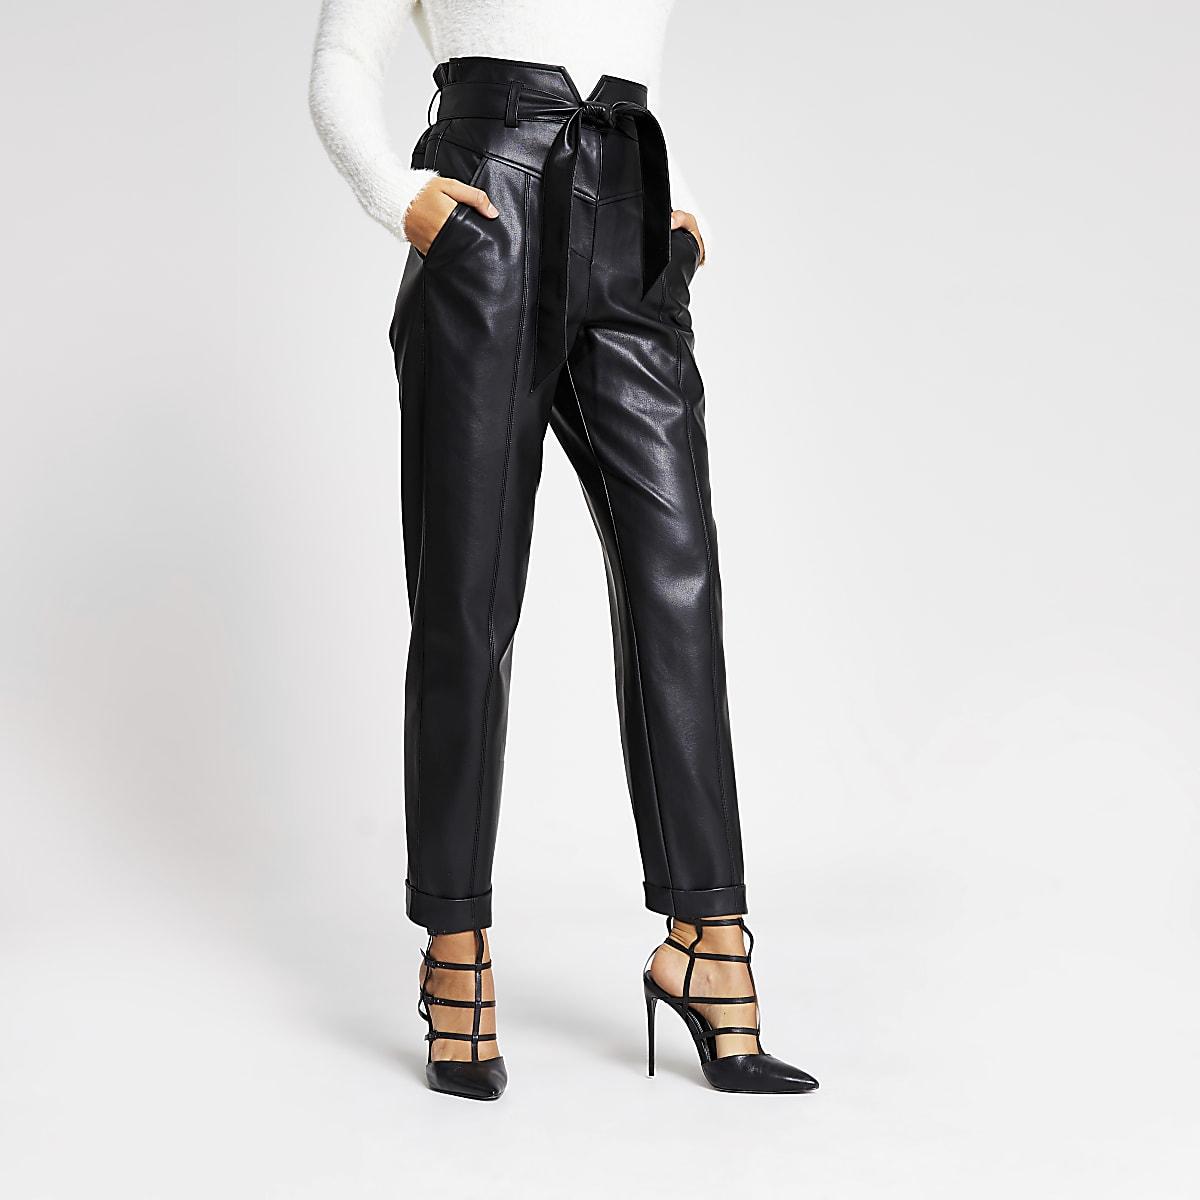 Zwarte smaltoelopende broek van imitatieleer met corsettaille